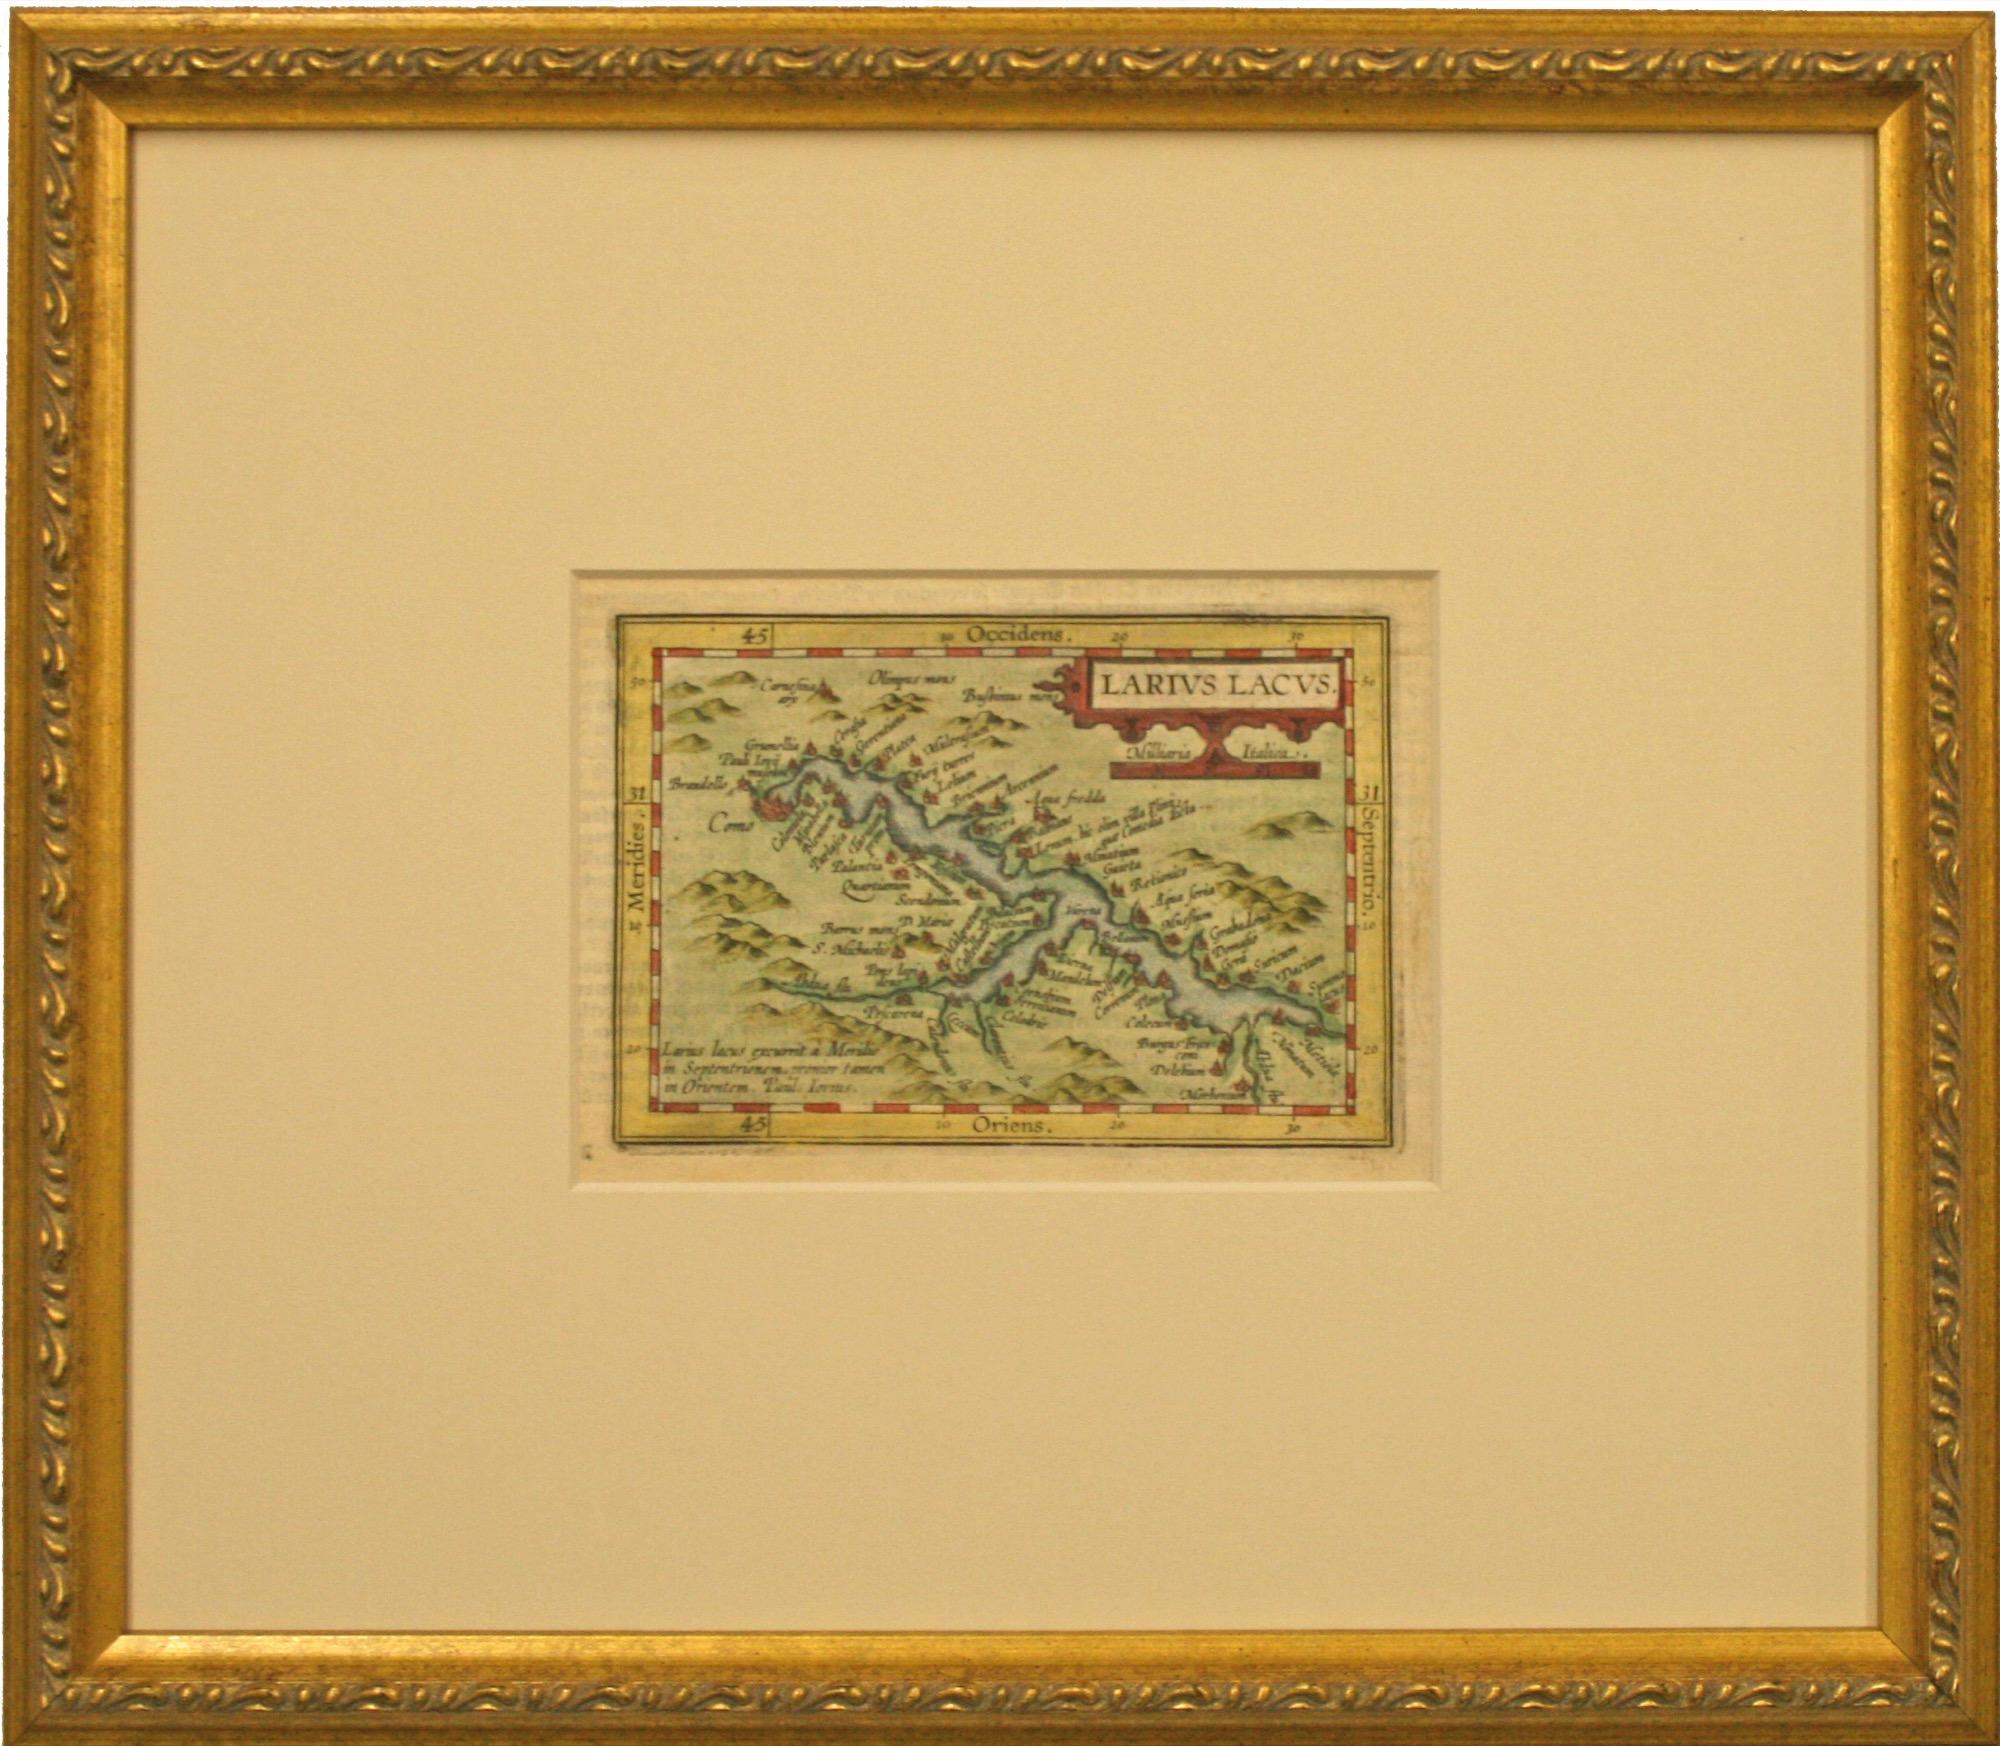 Larius Lacus 1600 The Christina Gallery